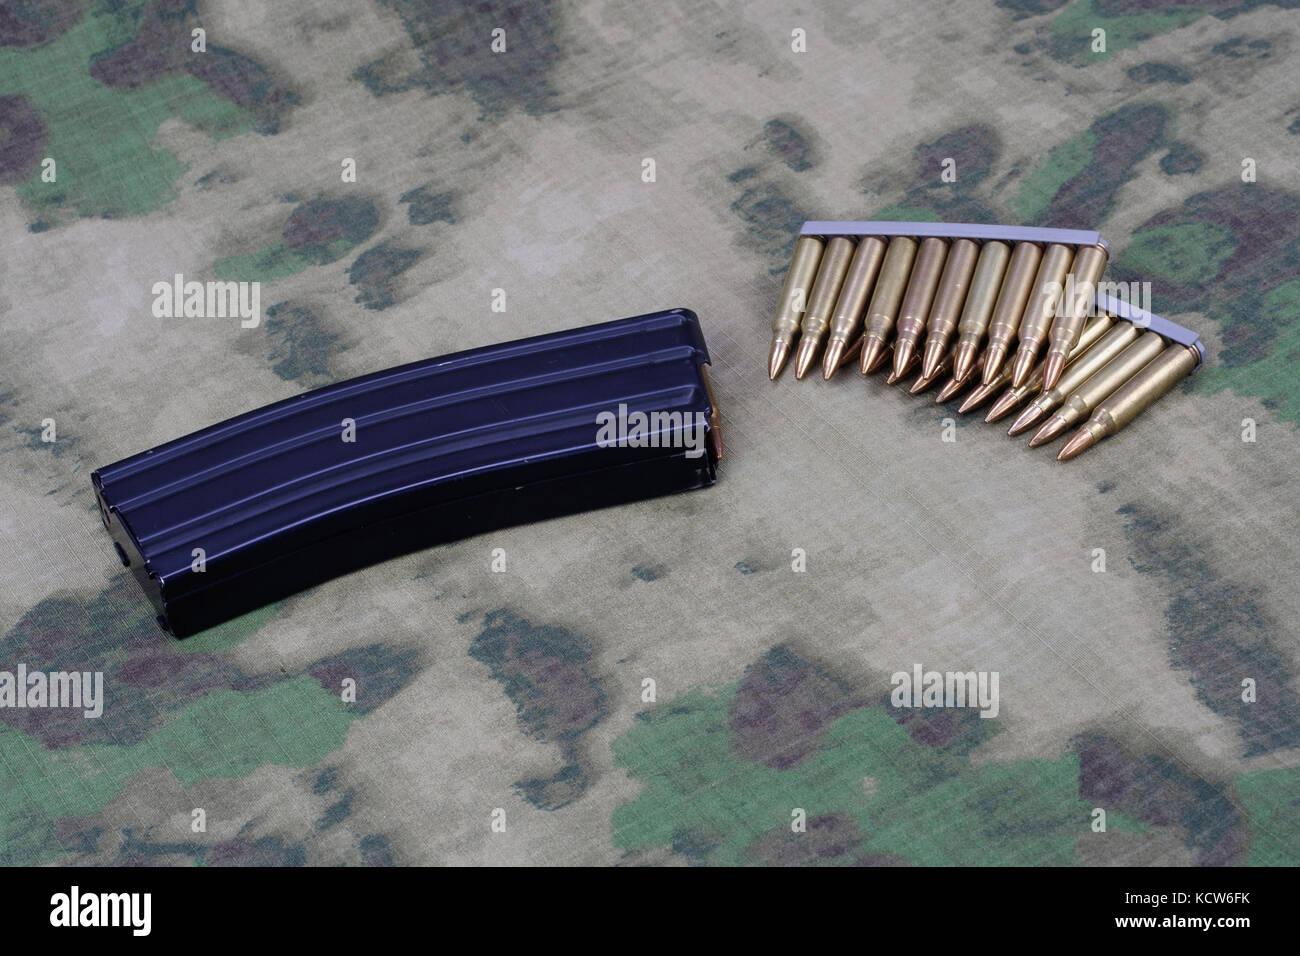 Ammunition with magazine on camoflage background - Stock Image